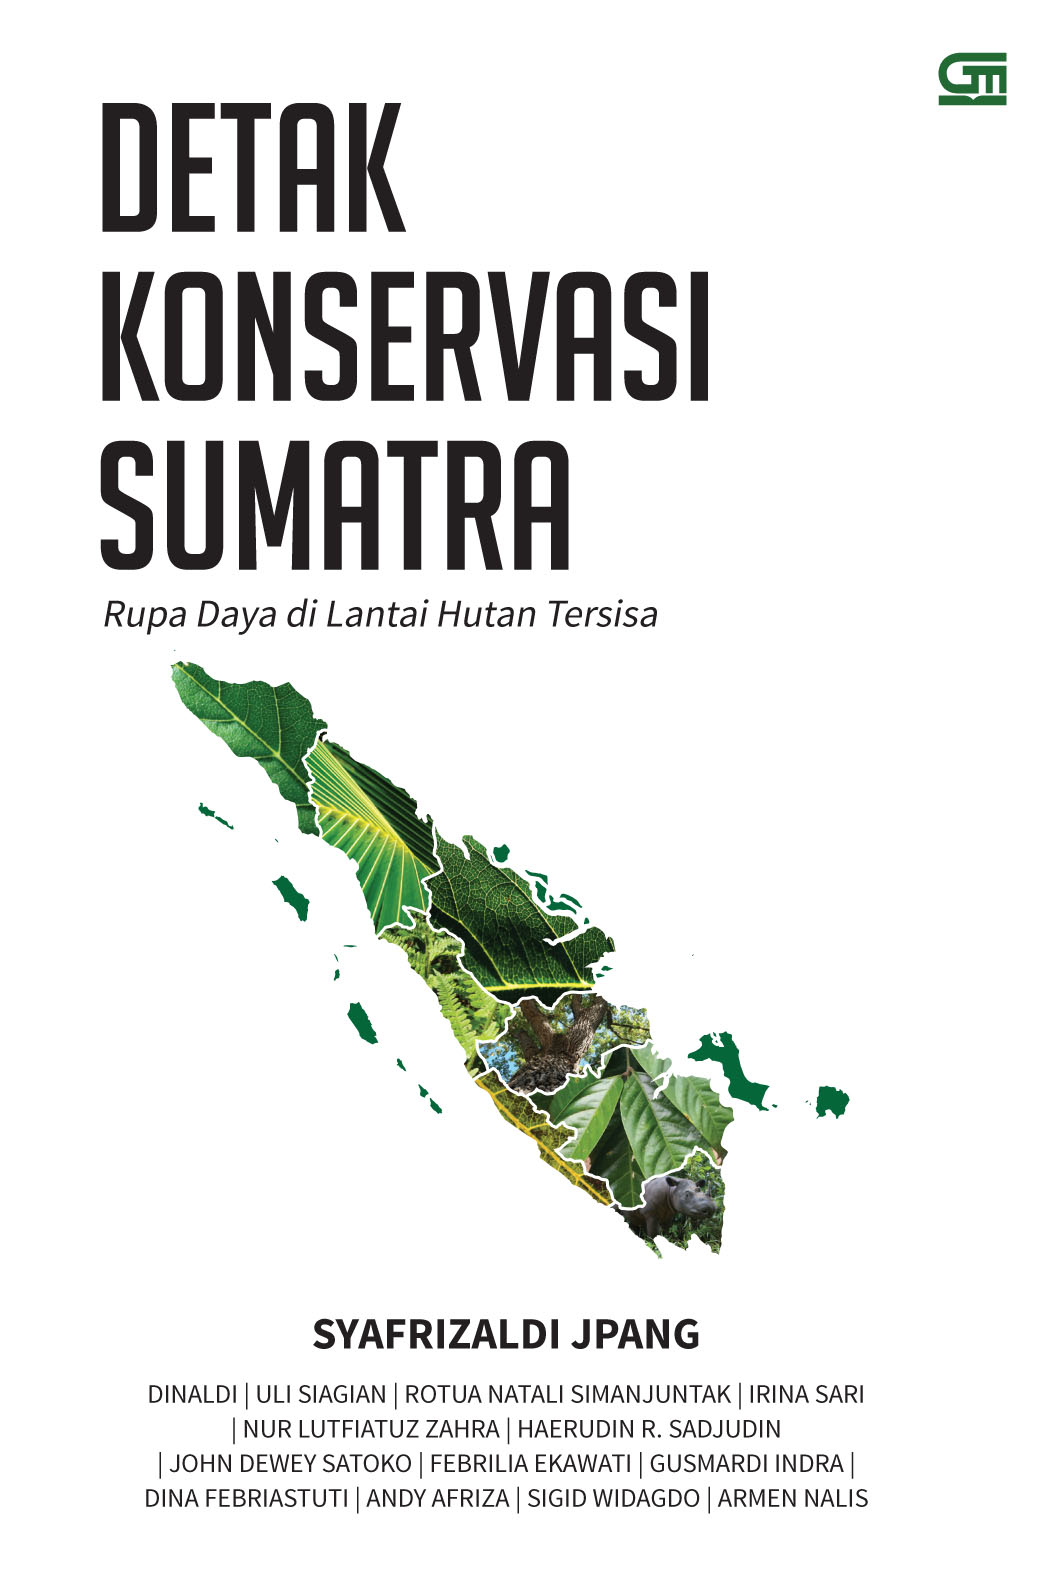 Detak Konservasi Sumatra